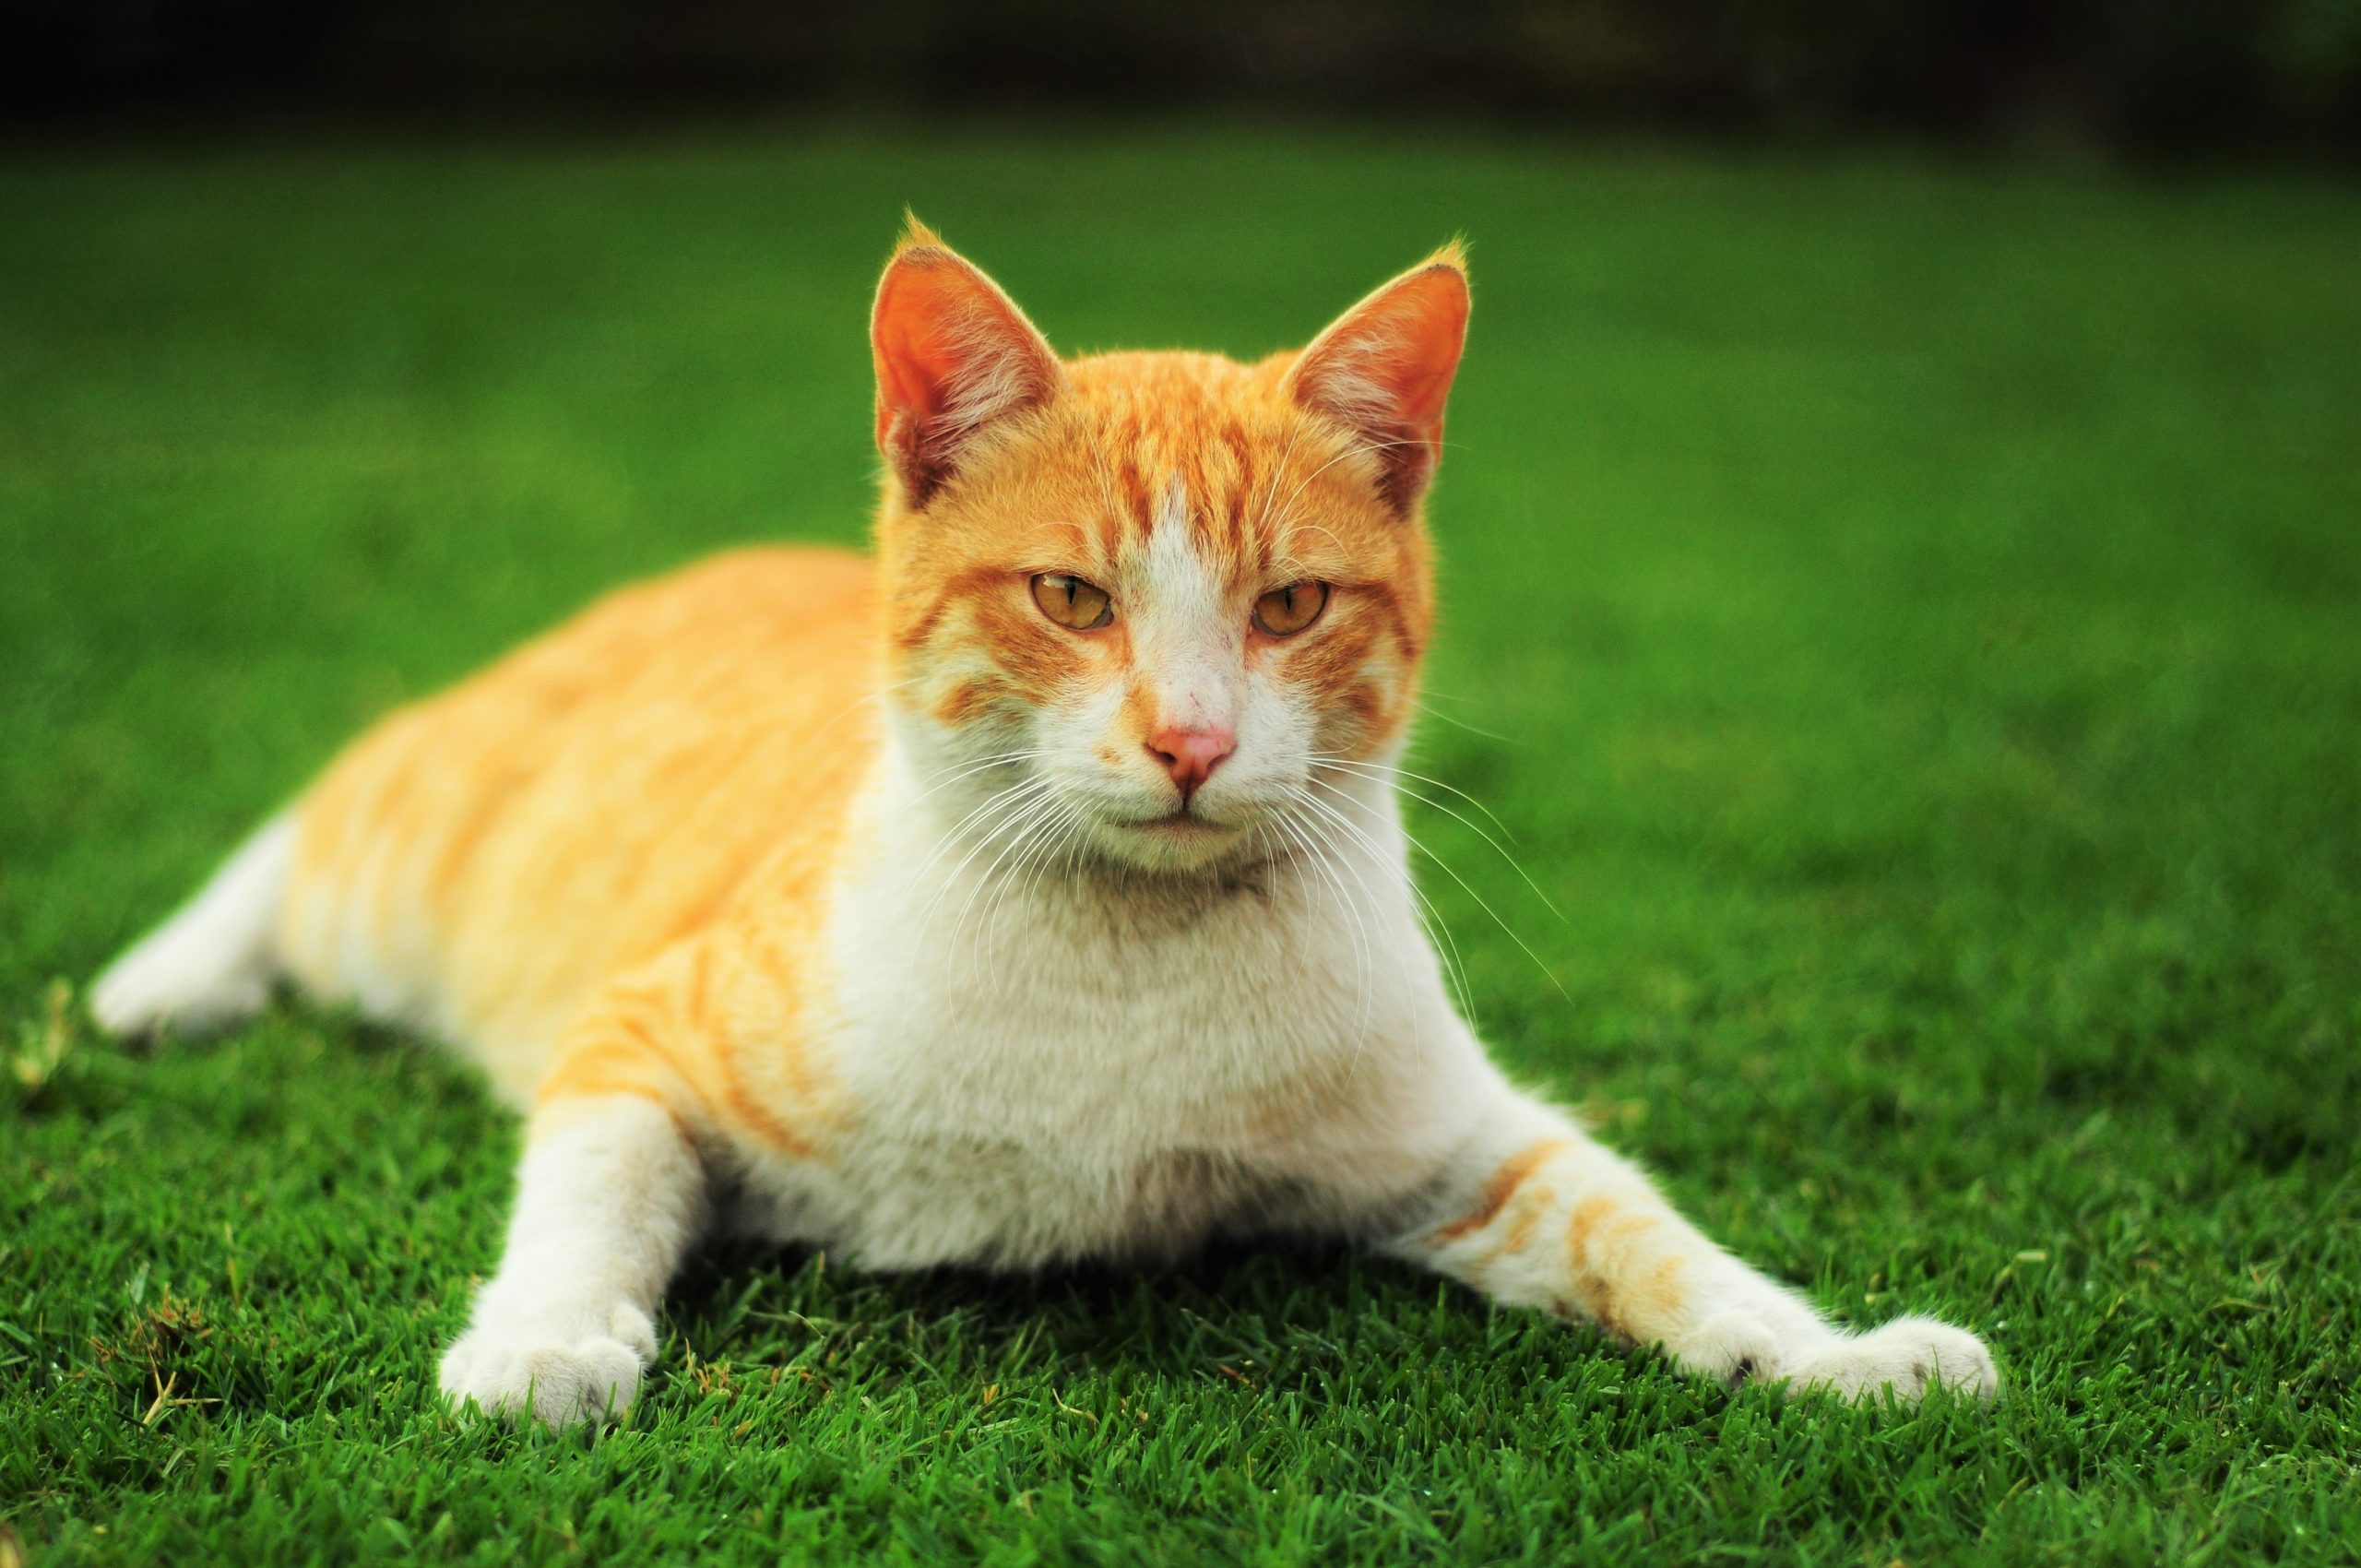 Afinal, por que gatos comem grama?